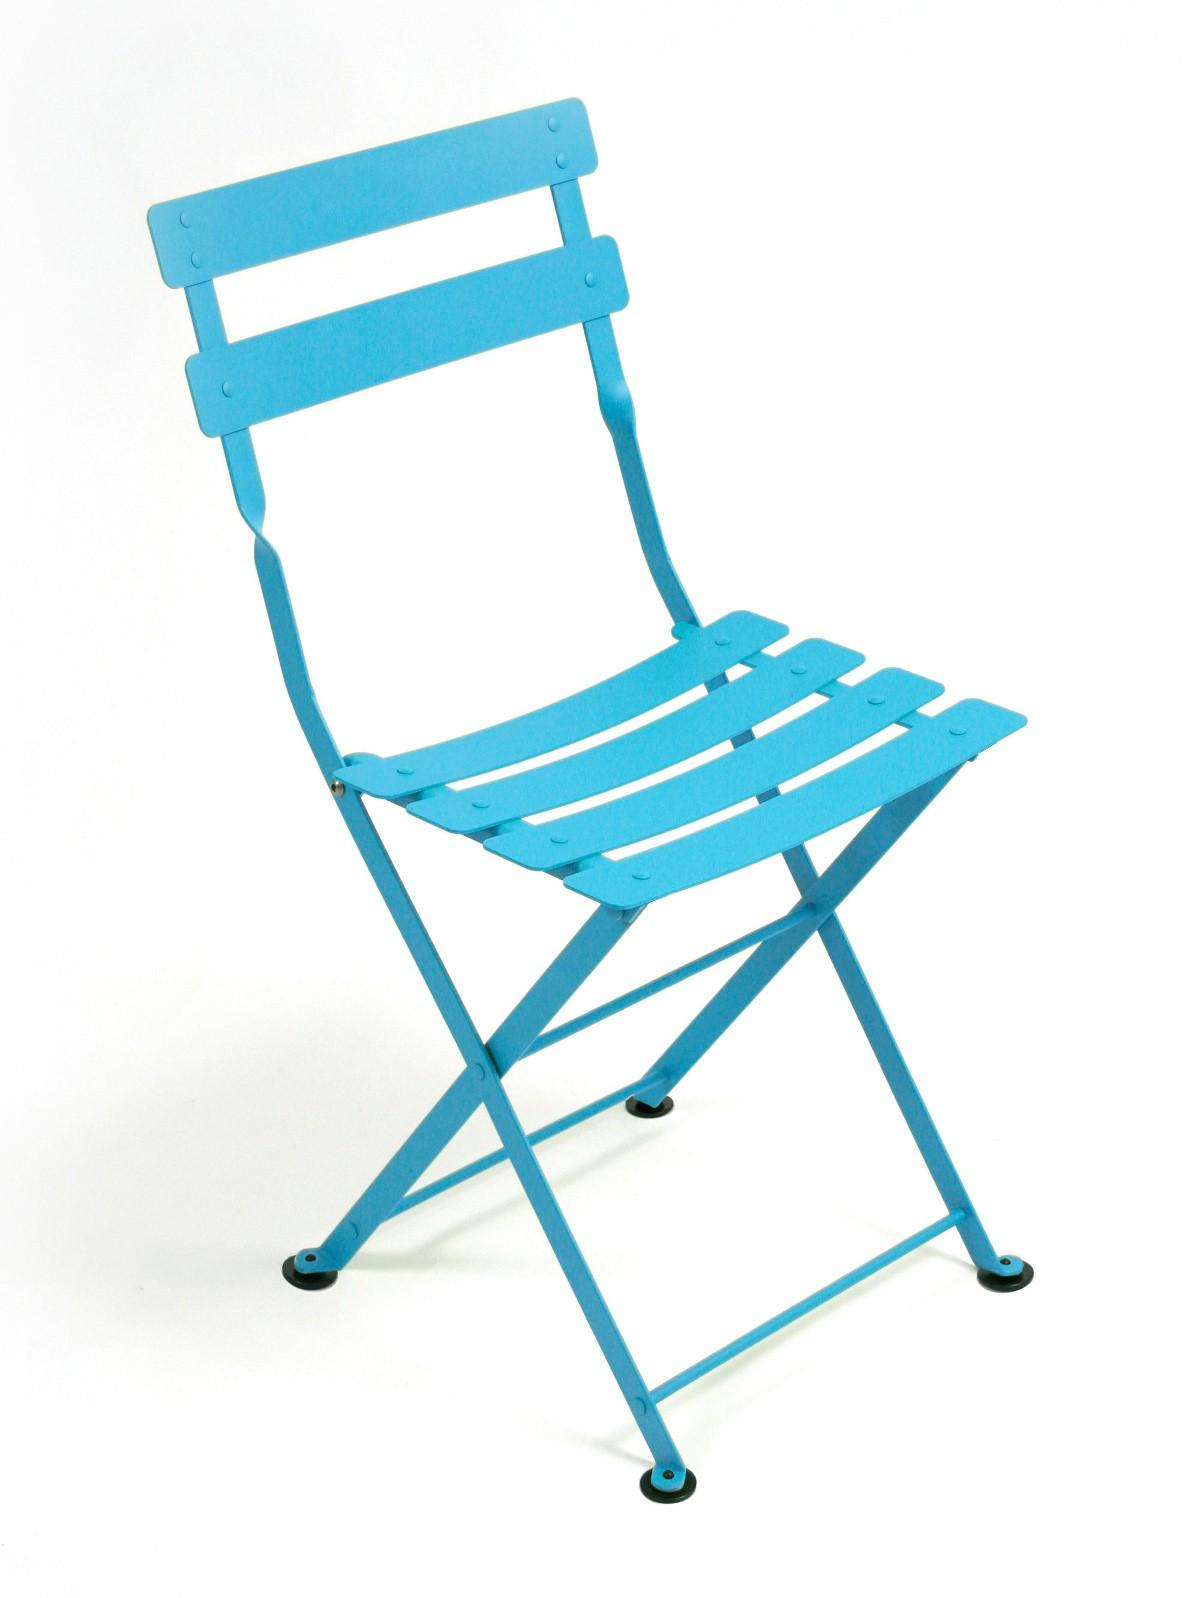 Chaise tom pouce de fermob bleu turquoise - Fermob tom pouce ...